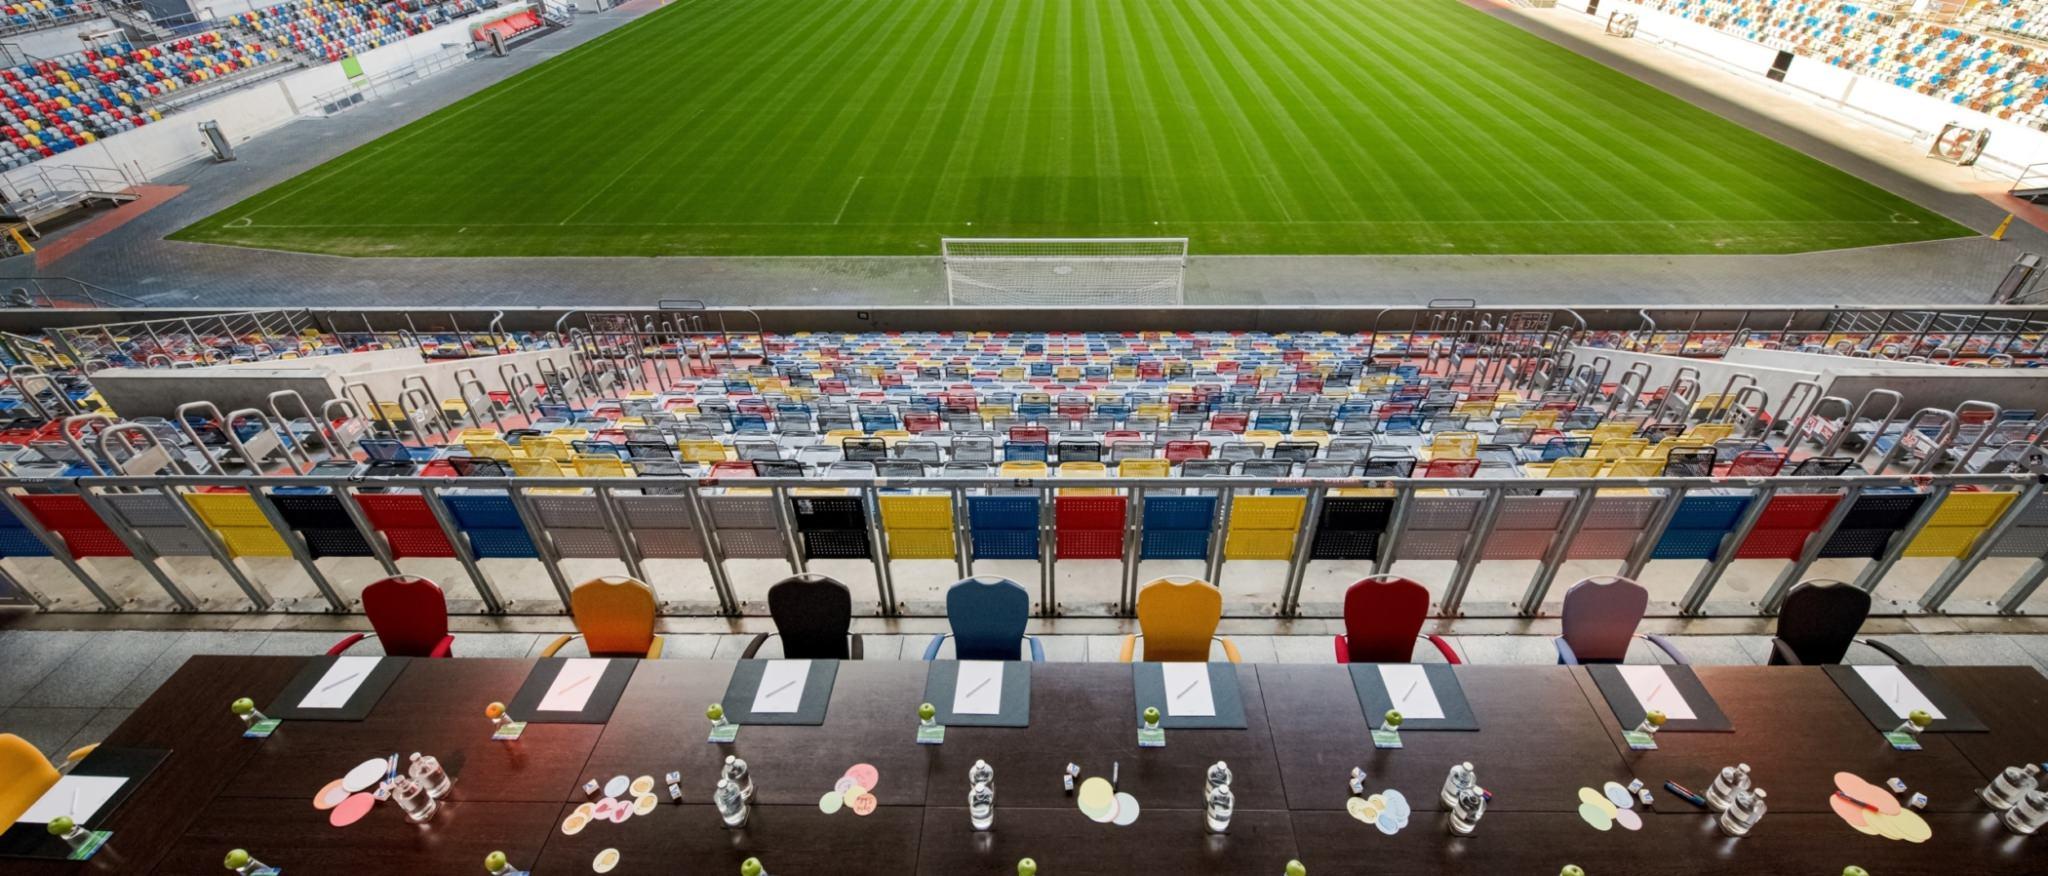 Hotel Tulip Inn Düsseldorf Arena Stadionterrasse